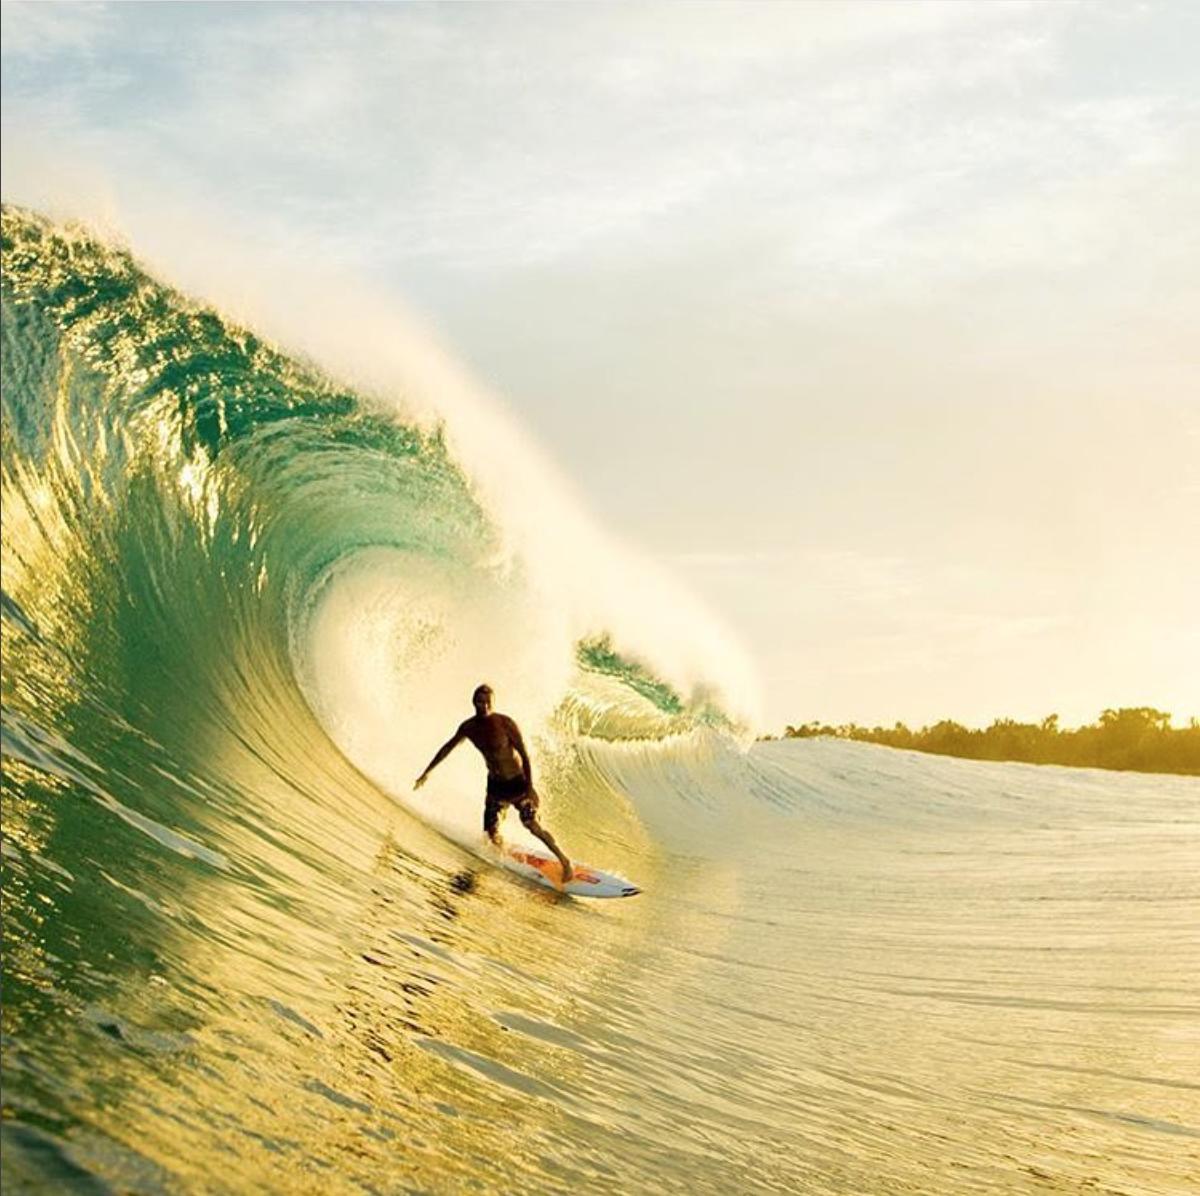 surf_porn, les plus belles photos de surf